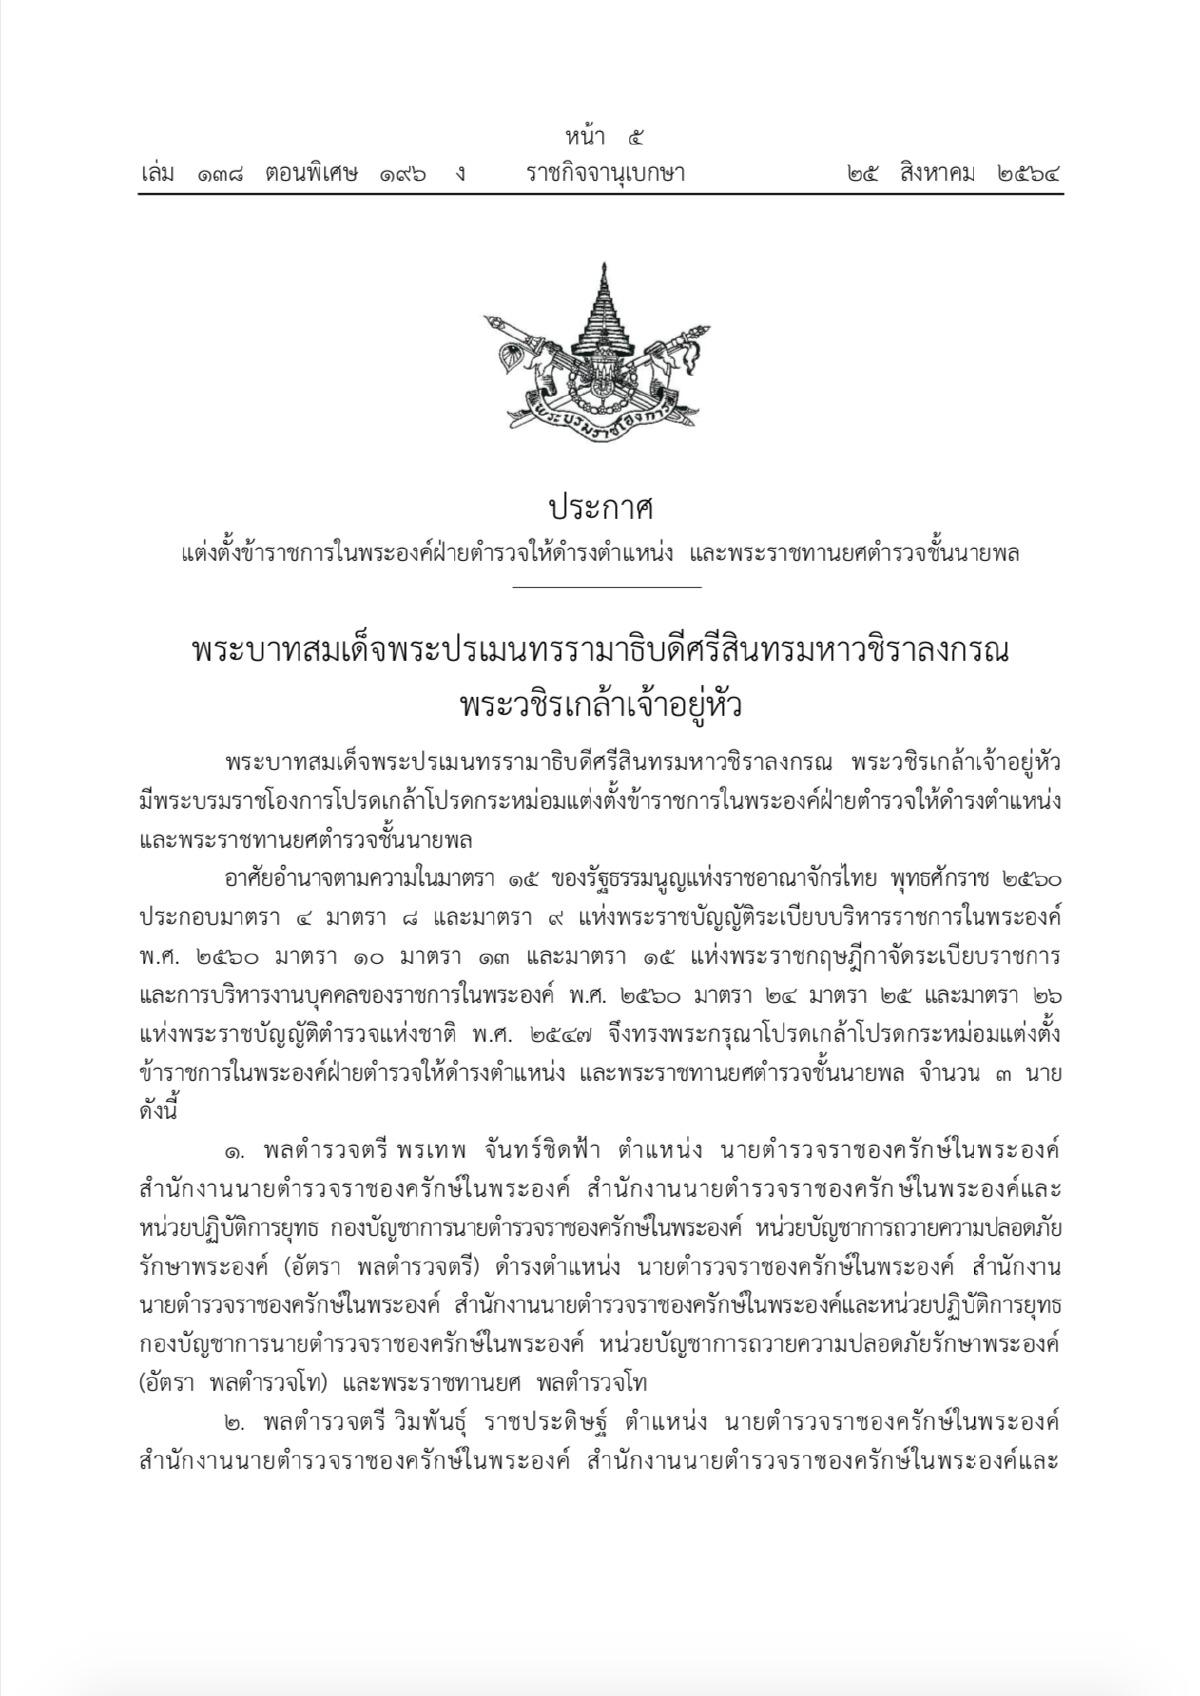 ราชกิจจาฯ แต่งตั้งข้าราชการในพระองค์ฝ่ายตำรวจ-พระราชทานยศตำรวจชั้นนายพล